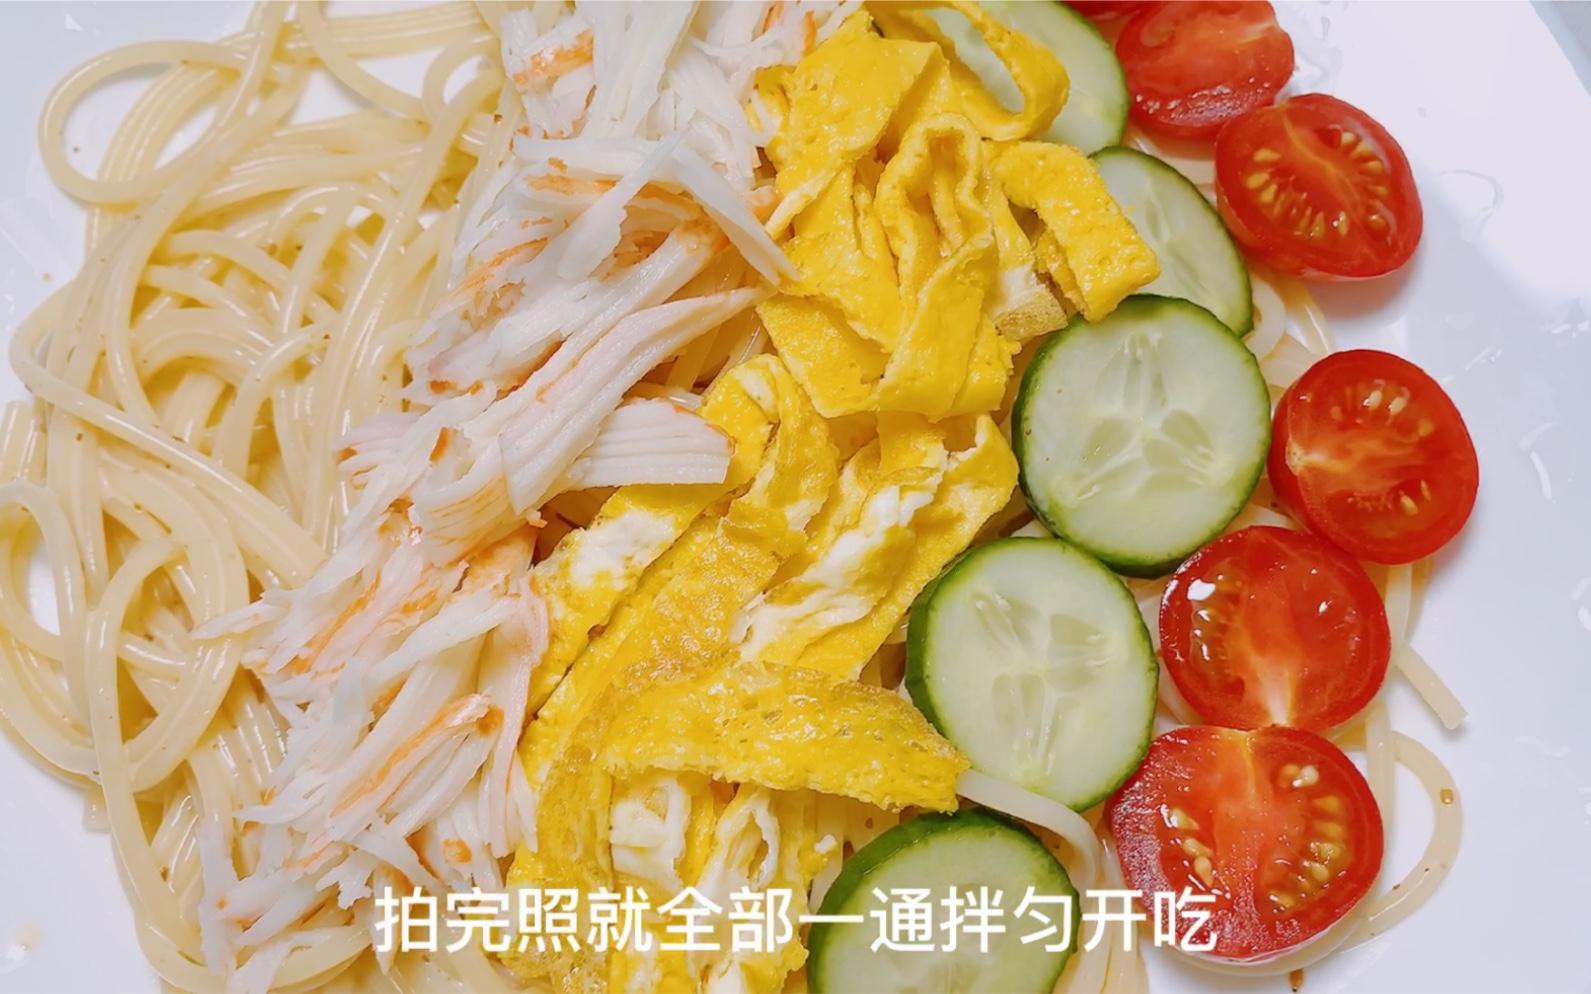 低脂沙拉意面, 营养丰富, 清清爽爽的口感, 吃一口就爱上, 减肥的姐妹快试试吧